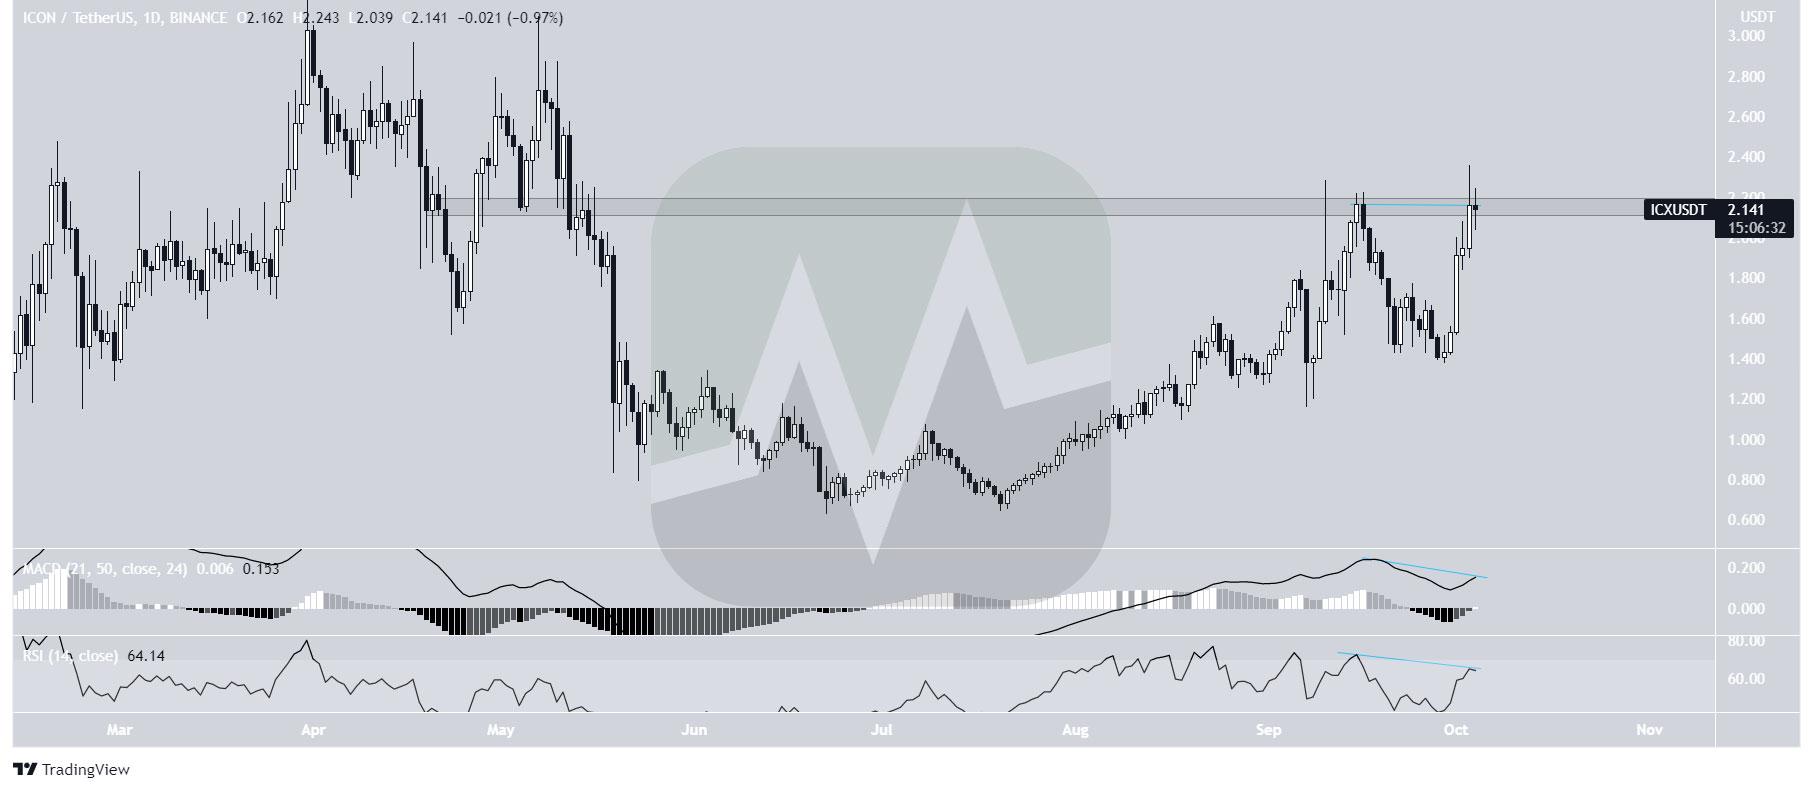 نمودار یک روزه قیمت ICX / تتر